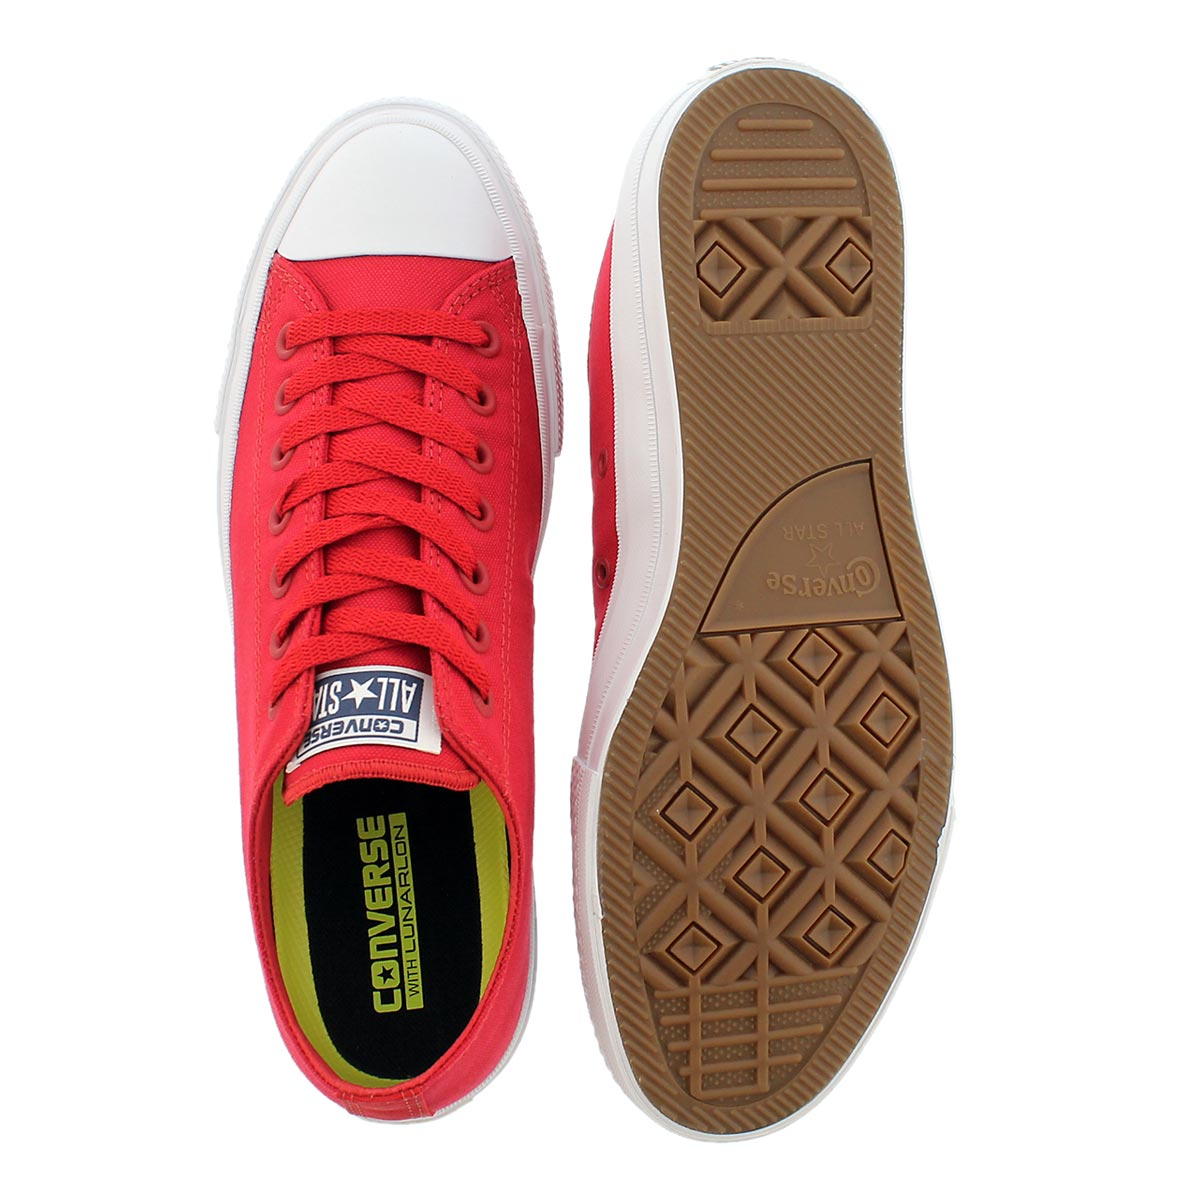 Mns Chuck II Viz Flow red bud sneaker